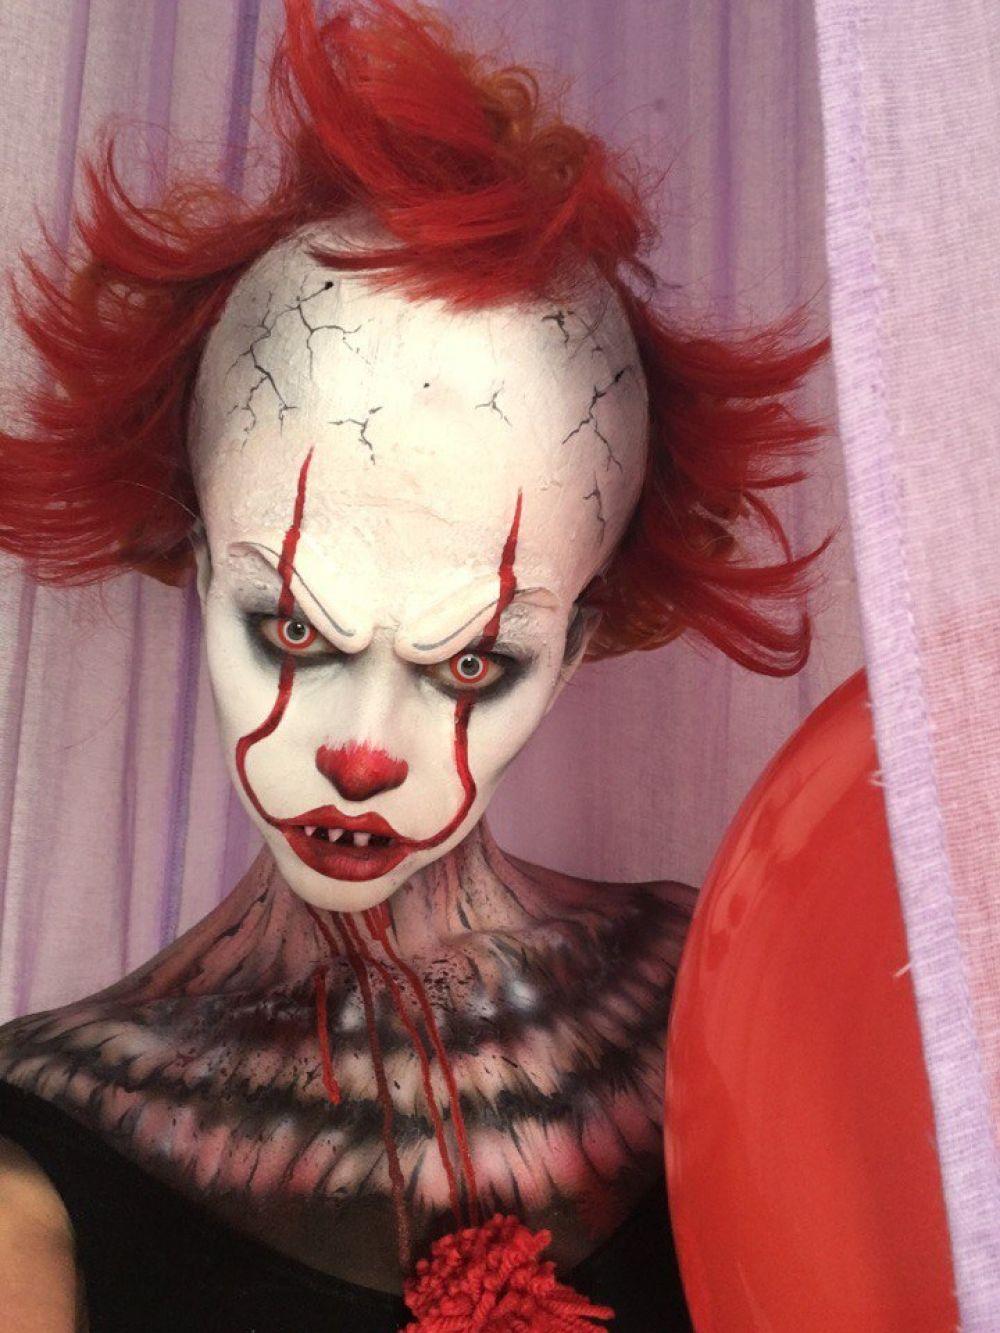 Самый актуальный образ - клоун из фильма «Оно».